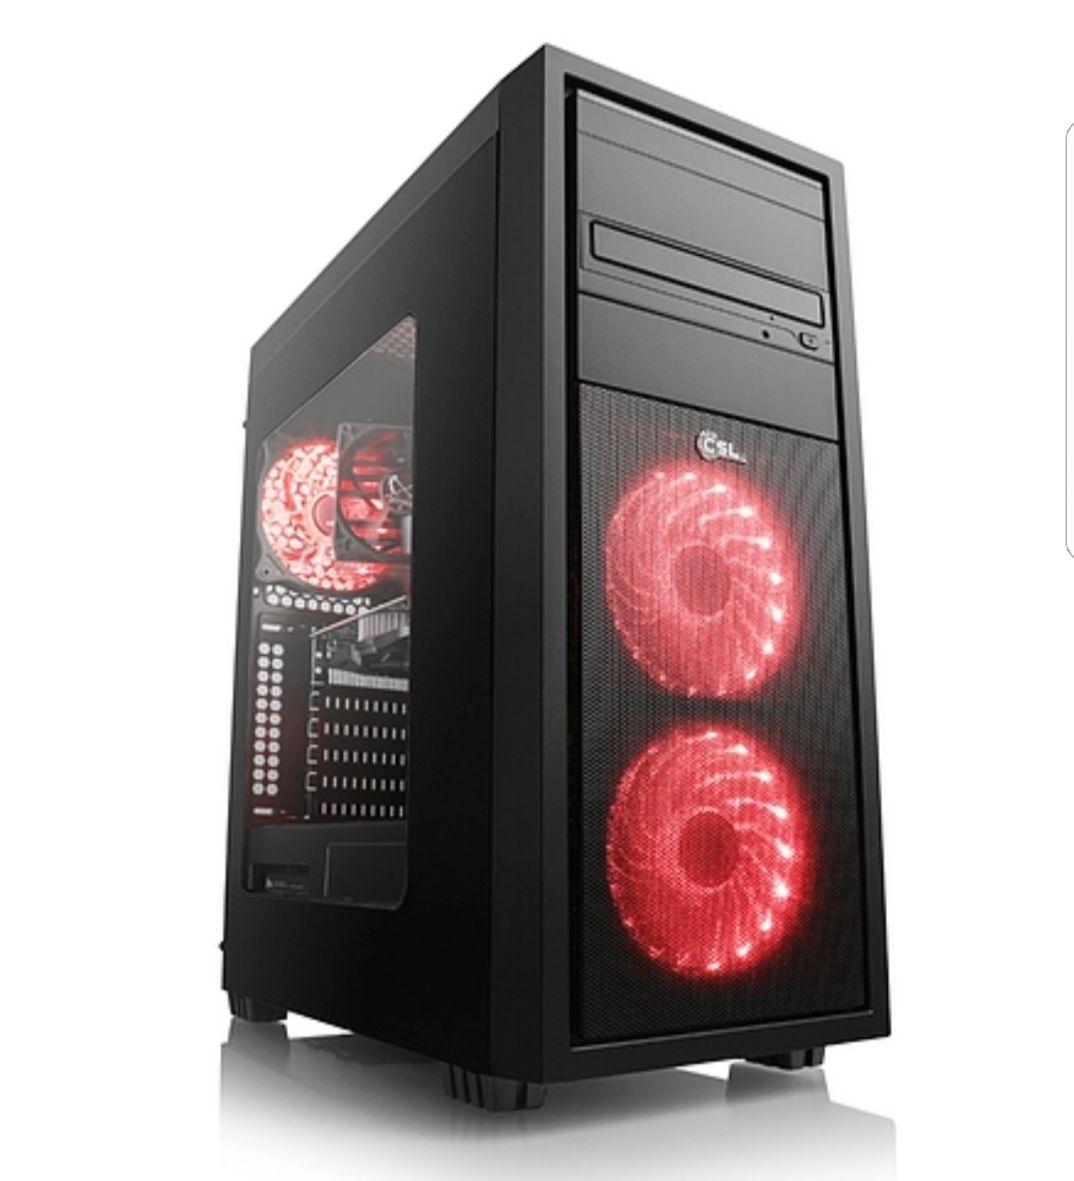 Gaming PC CSL Sprint 5918 (Octa): Ryzen 7 1700X 8x 3.4 GHz, 16gb DDR4-2400 RAM, MSI Armor GTX 1080 8gb, 240gb SSD, 1000gb HDD, FreeDOS + kostenloses Spiel: Hellblade: Senua's Sacrifice